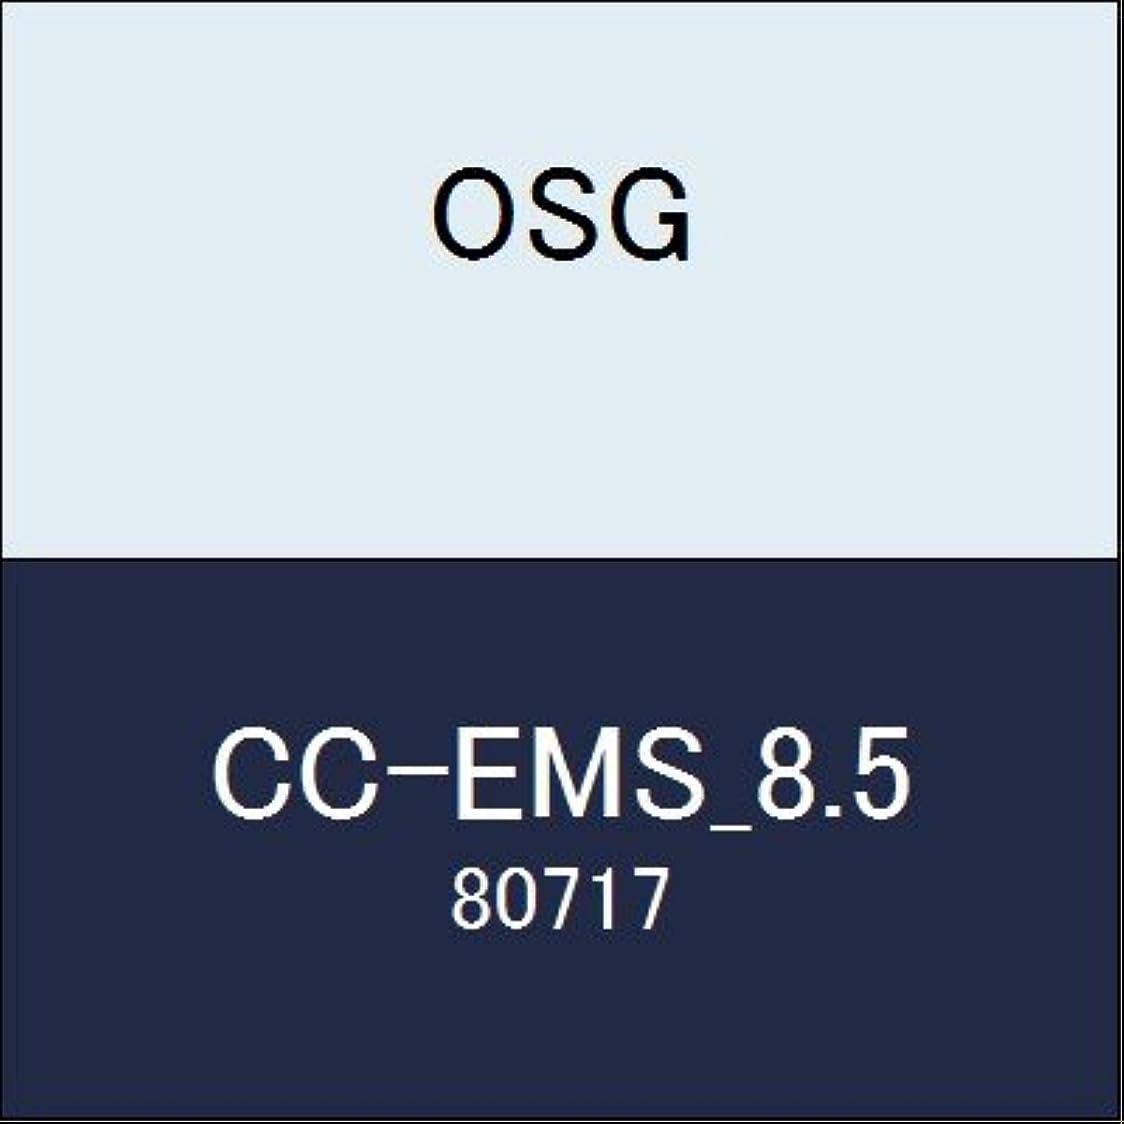 引っ張る手荷物こどもの日OSG エンドミル CC-EMS_8.5 商品番号 80717